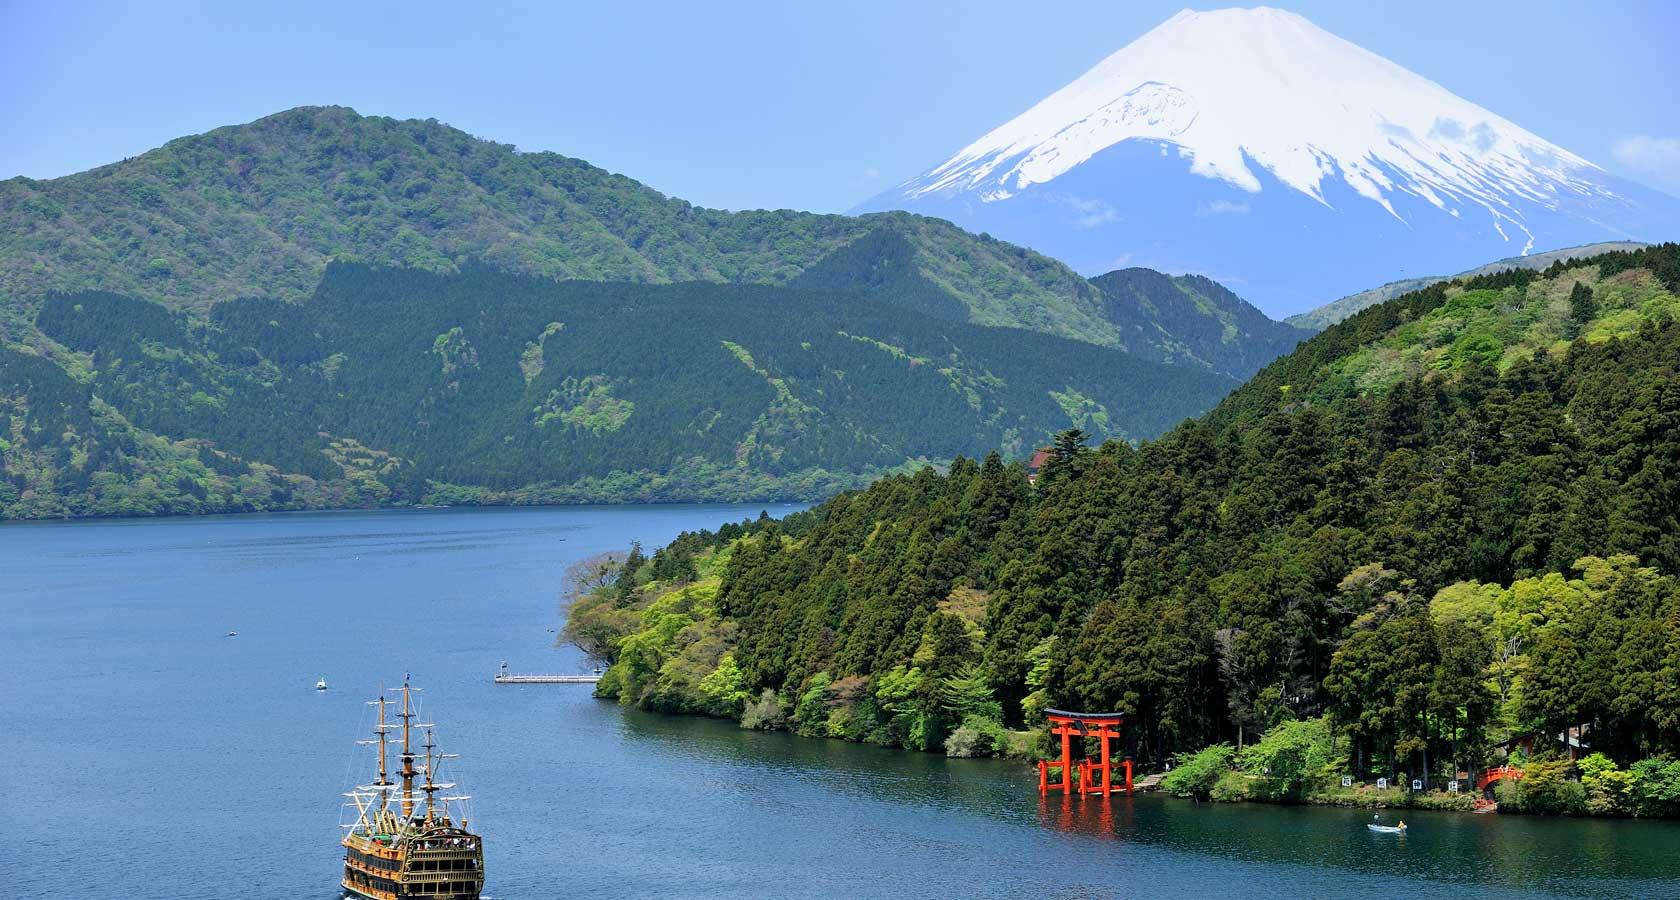 получилось все хаконе япония фото такое снегозадержатели, цель